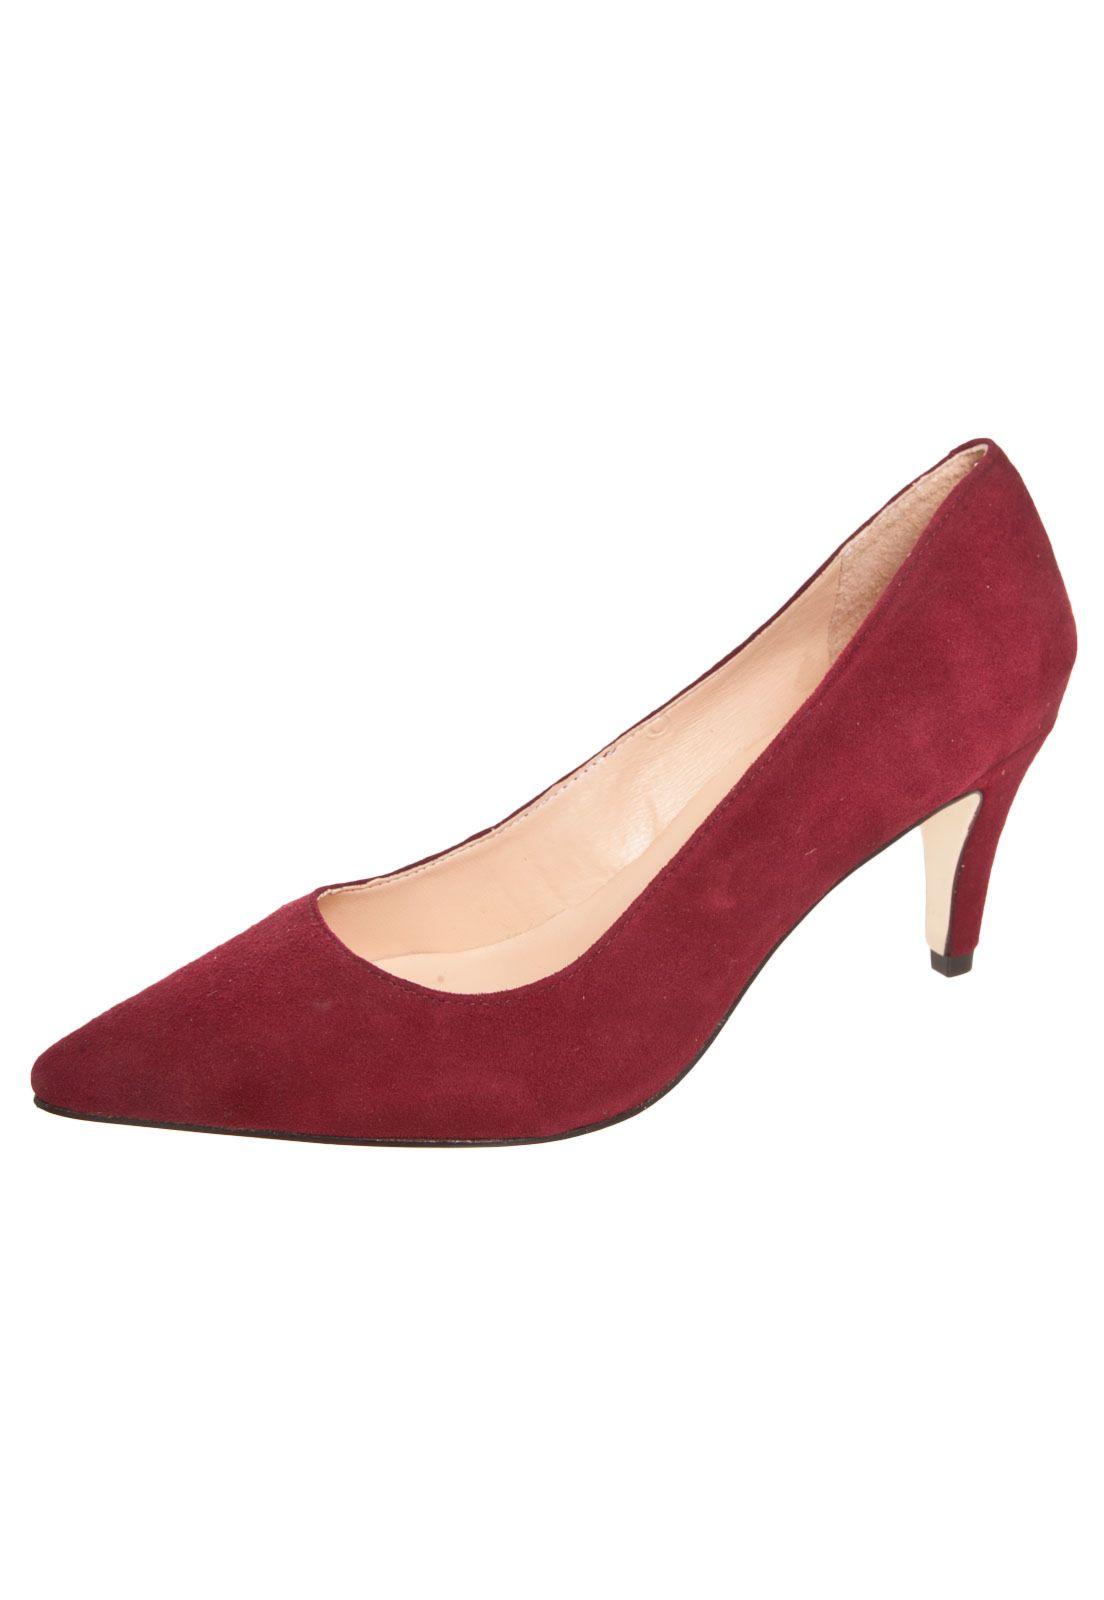 ae001cfe48 Scarpin Luiza Barcelos Salto Médio Vermelho - Compre Agora